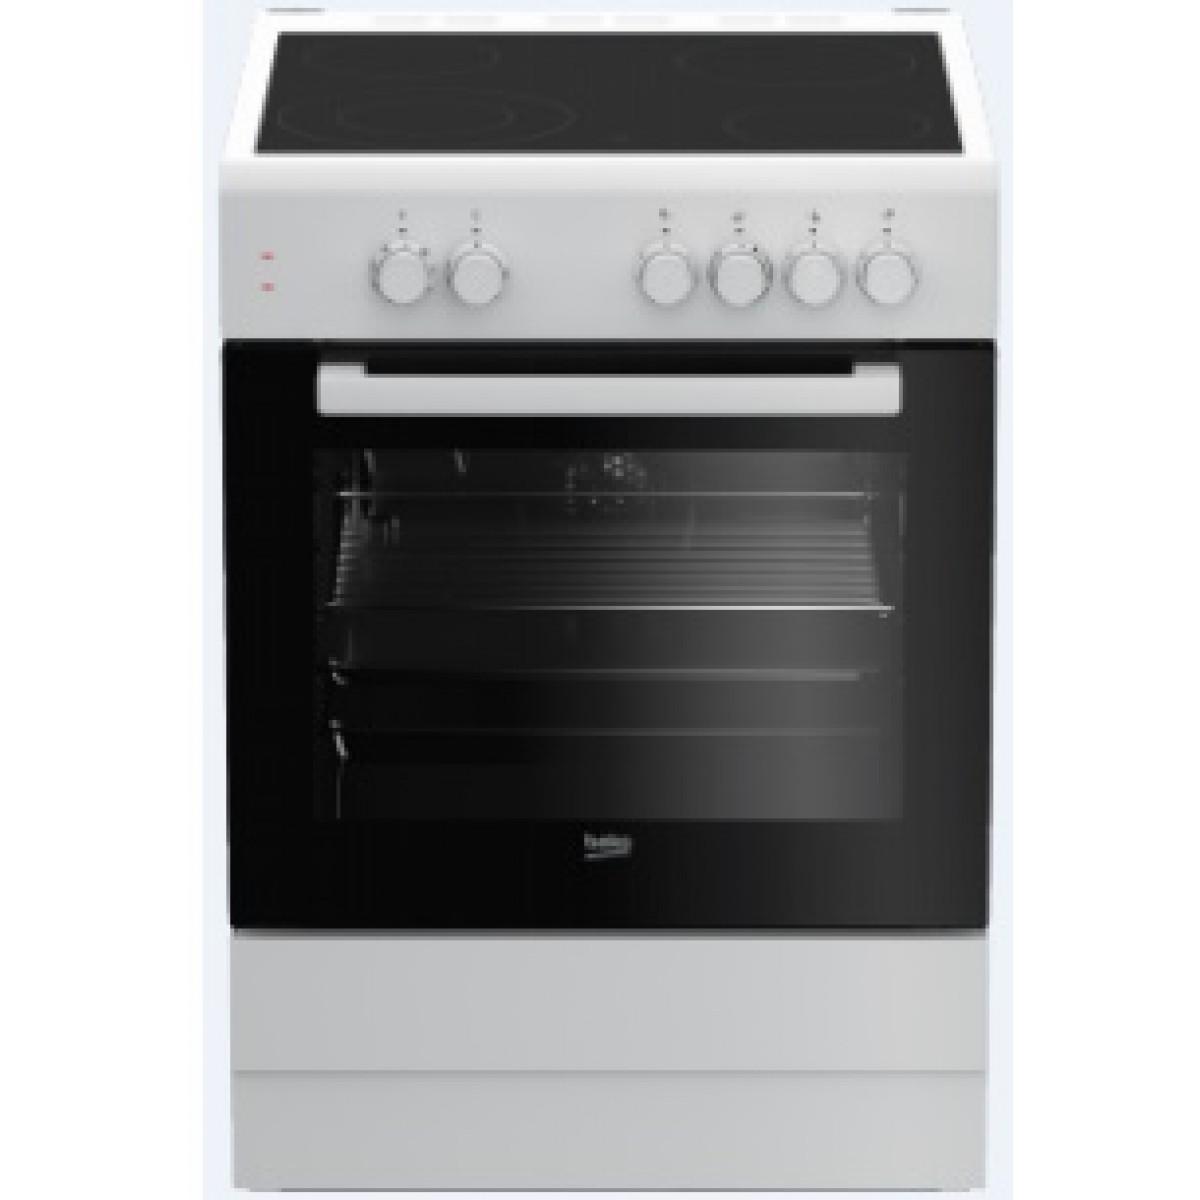 Κουζινες - Beko Ηλεκτρική Κεραμική Κουζίνα FSM 67010 GW Κουζίνες κεραμικές Ηλεκτρικες Συσκευες - homeelectrics.gr